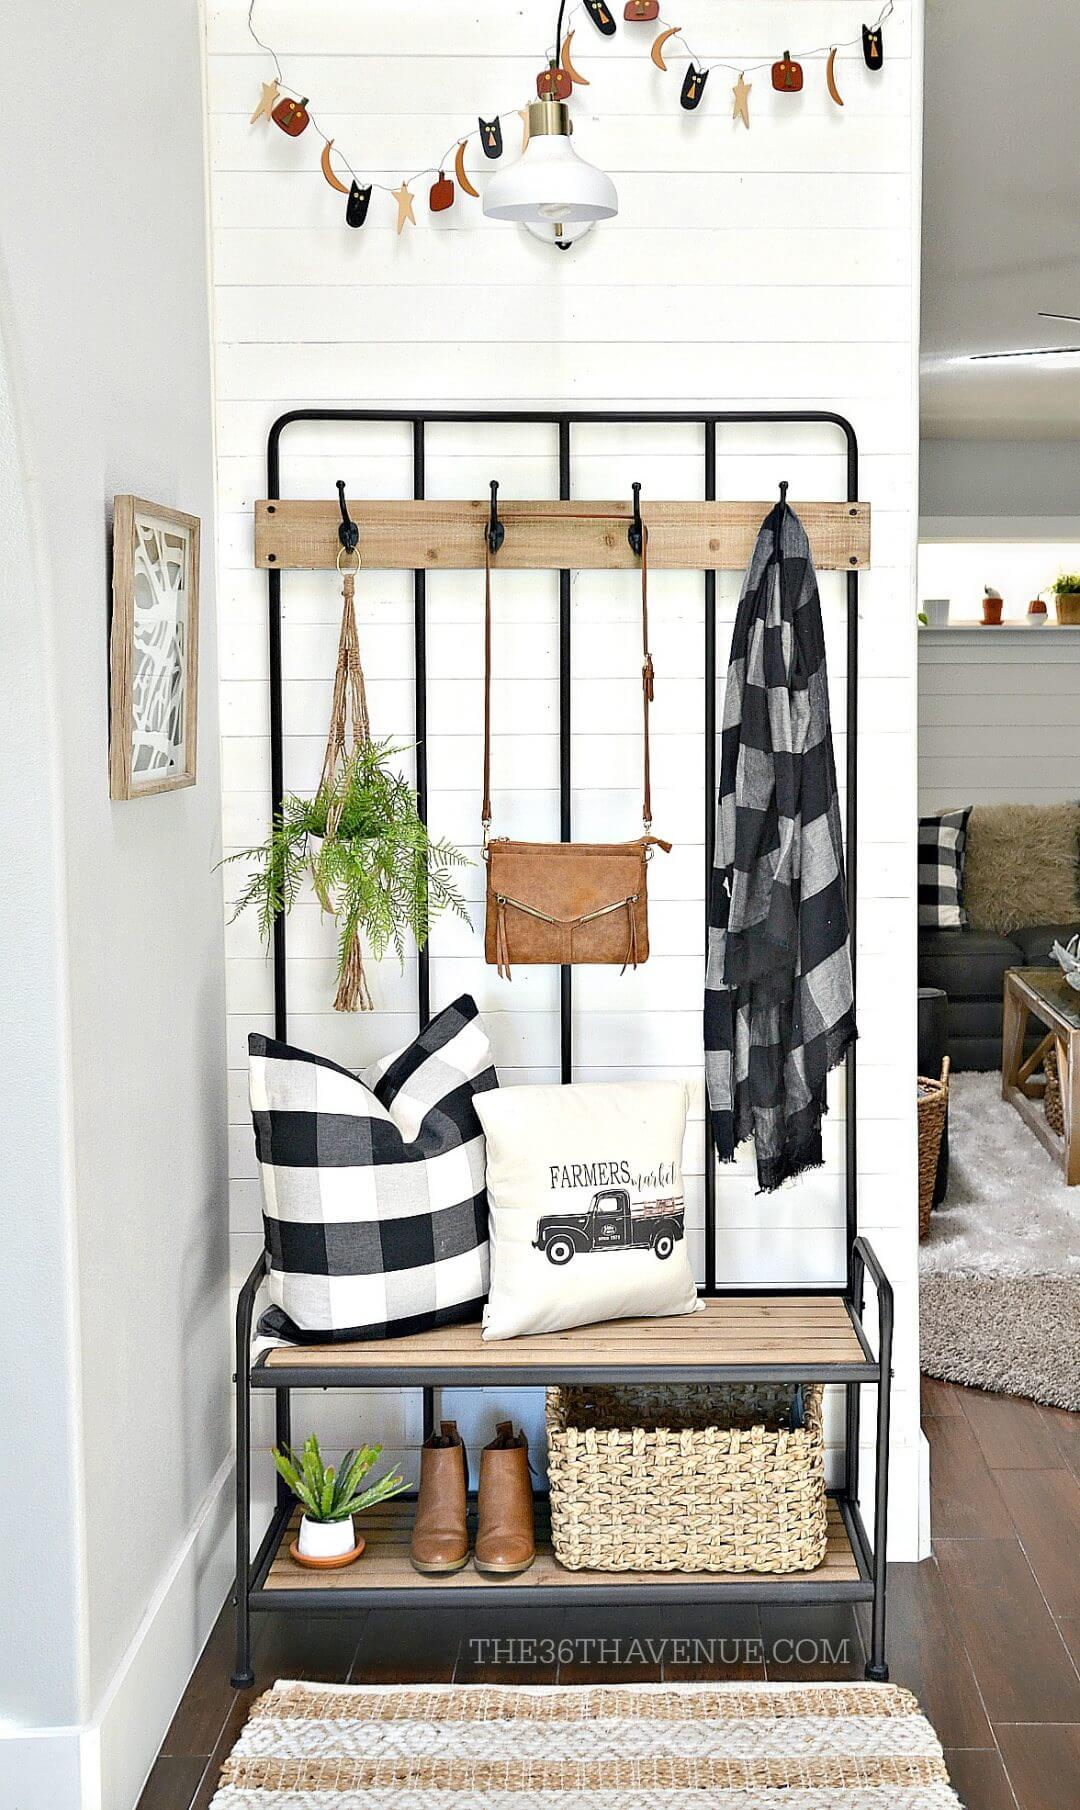 amenagement decoration petite entree mobilier